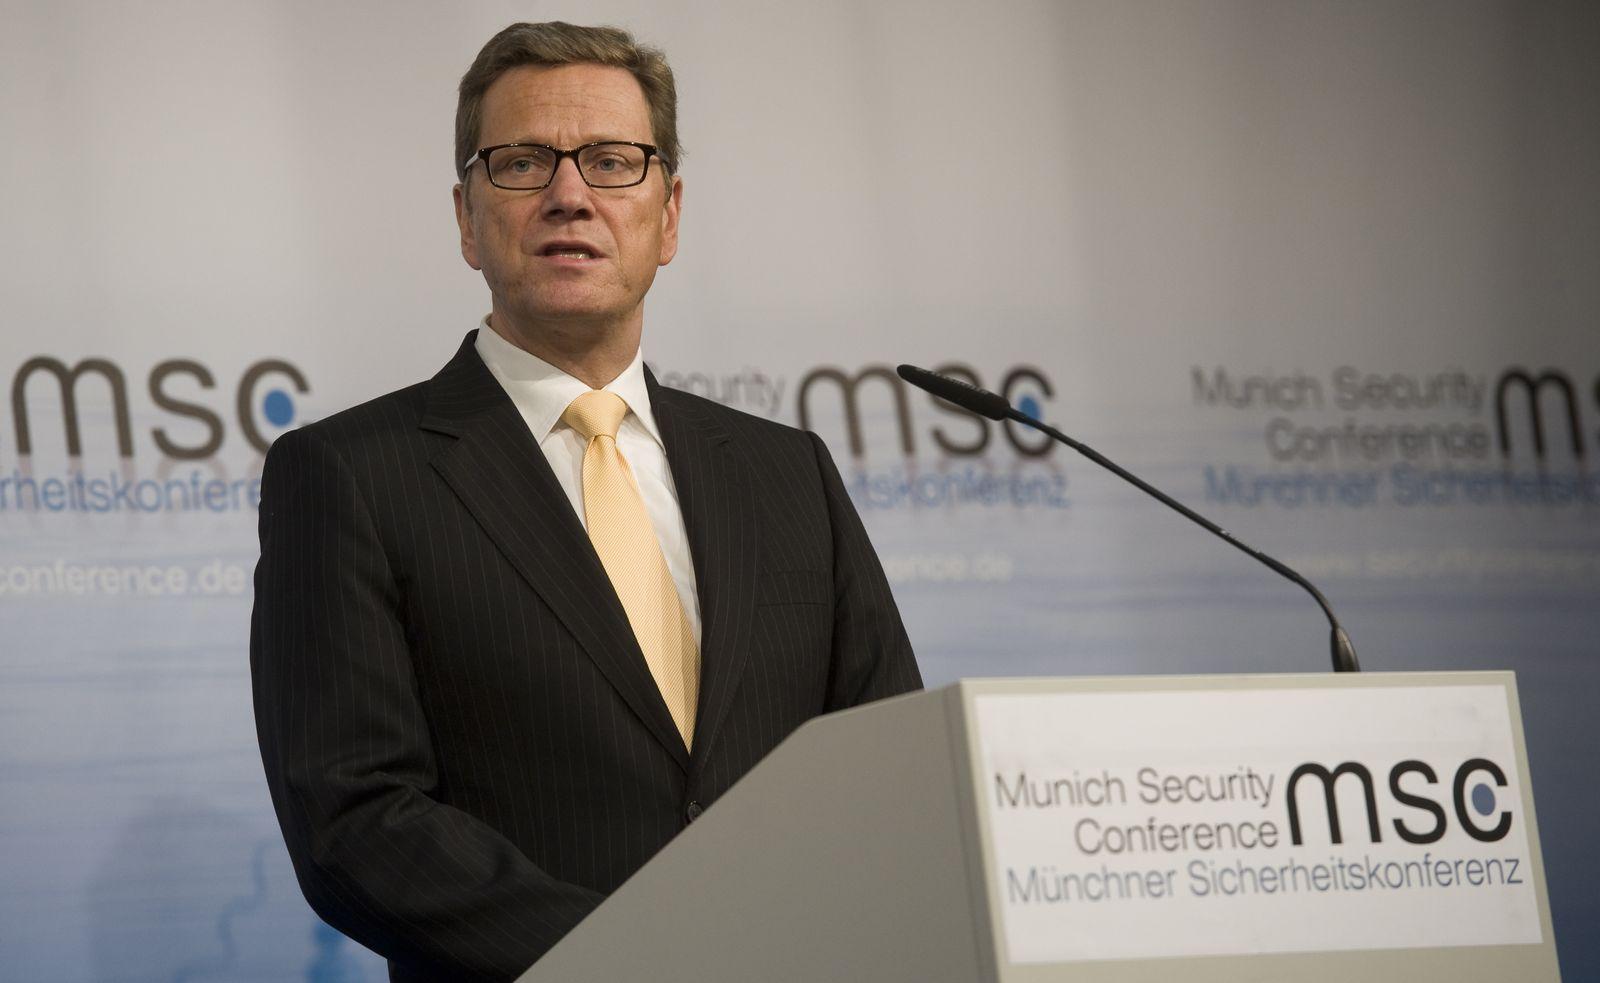 NICHT VERWENDEN Guido Westerwelle / Sicherheitskonferenz